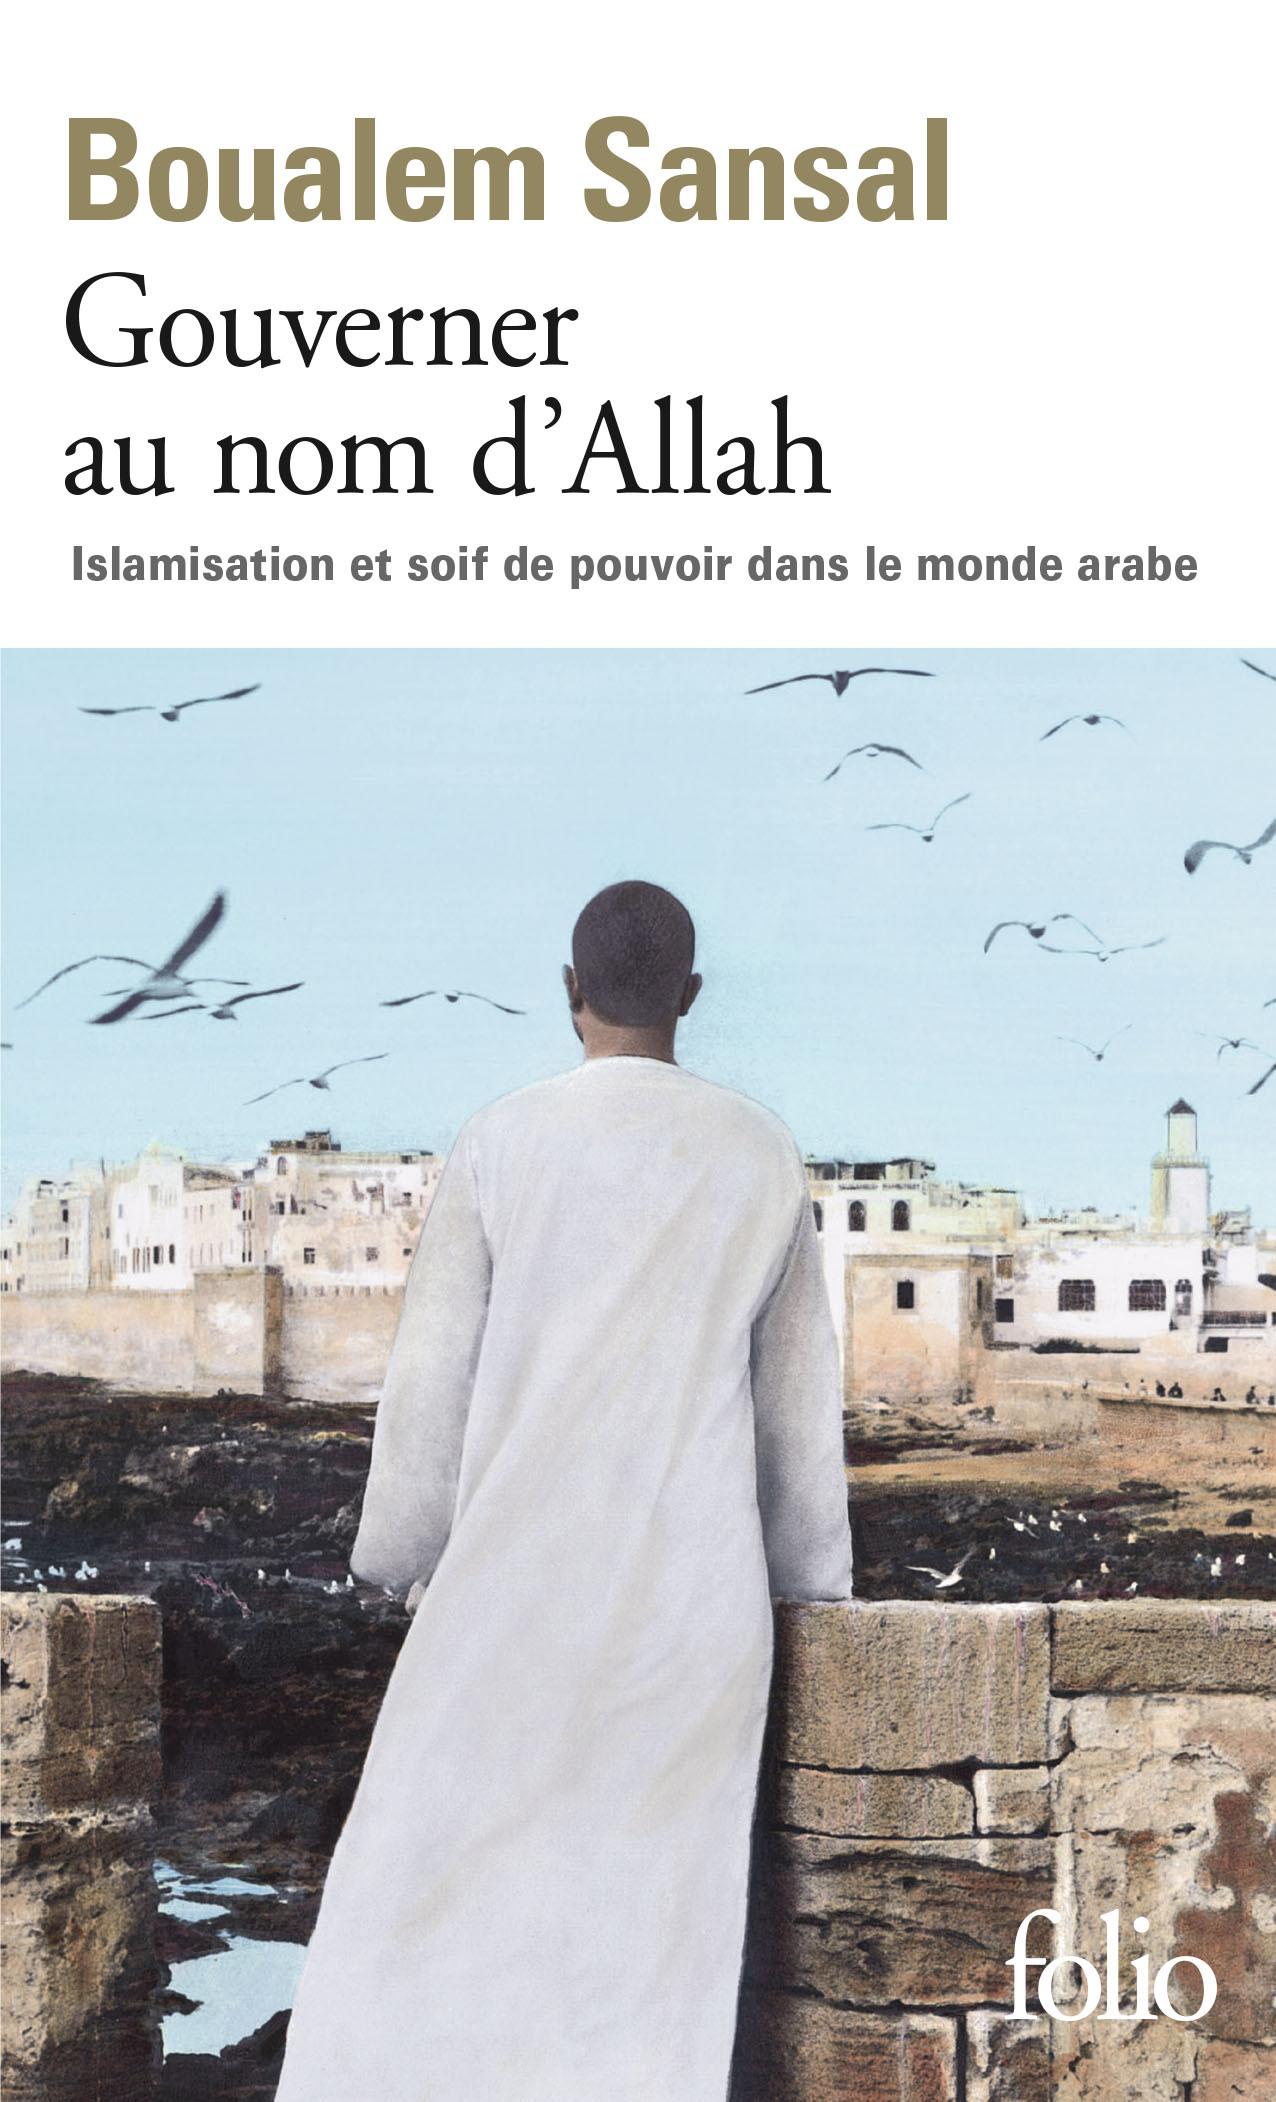 GOUVERNER AU NOM D'ALLAH ISLAMISATION ET SOIF DE POUVOIR DANS LE MONDE ARABE